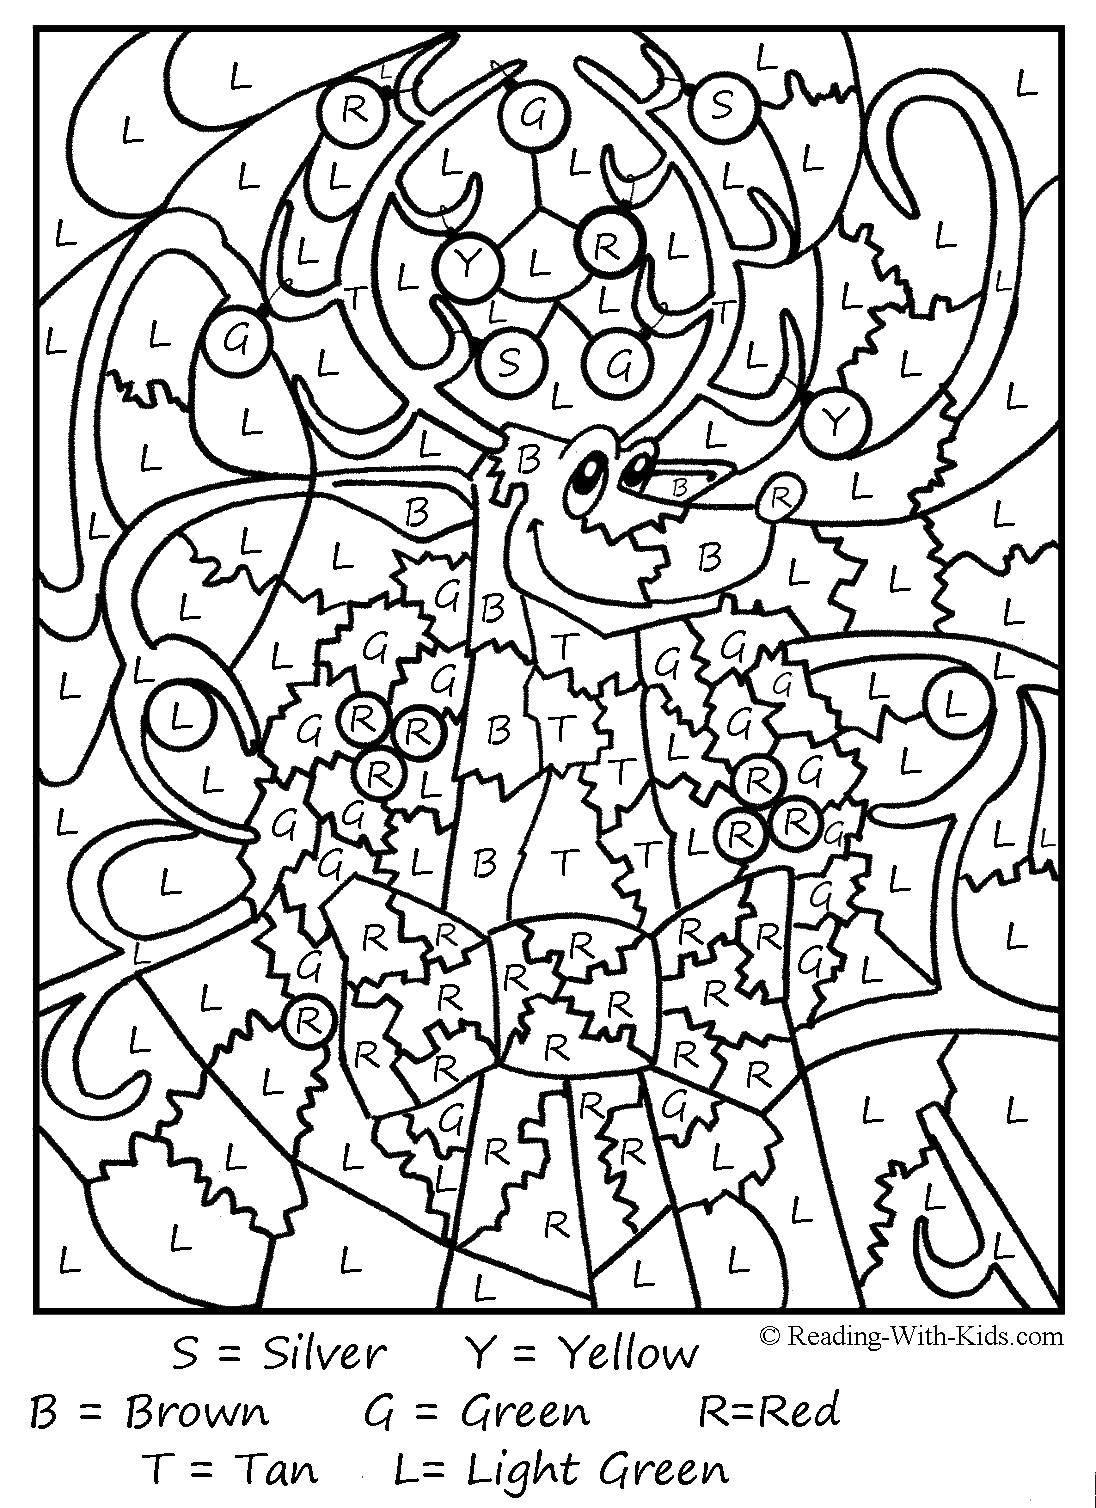 Раскраска Рождество Скачать аниме, рисуем, тело, лицо.  Распечатать ,аниме хвост феи,